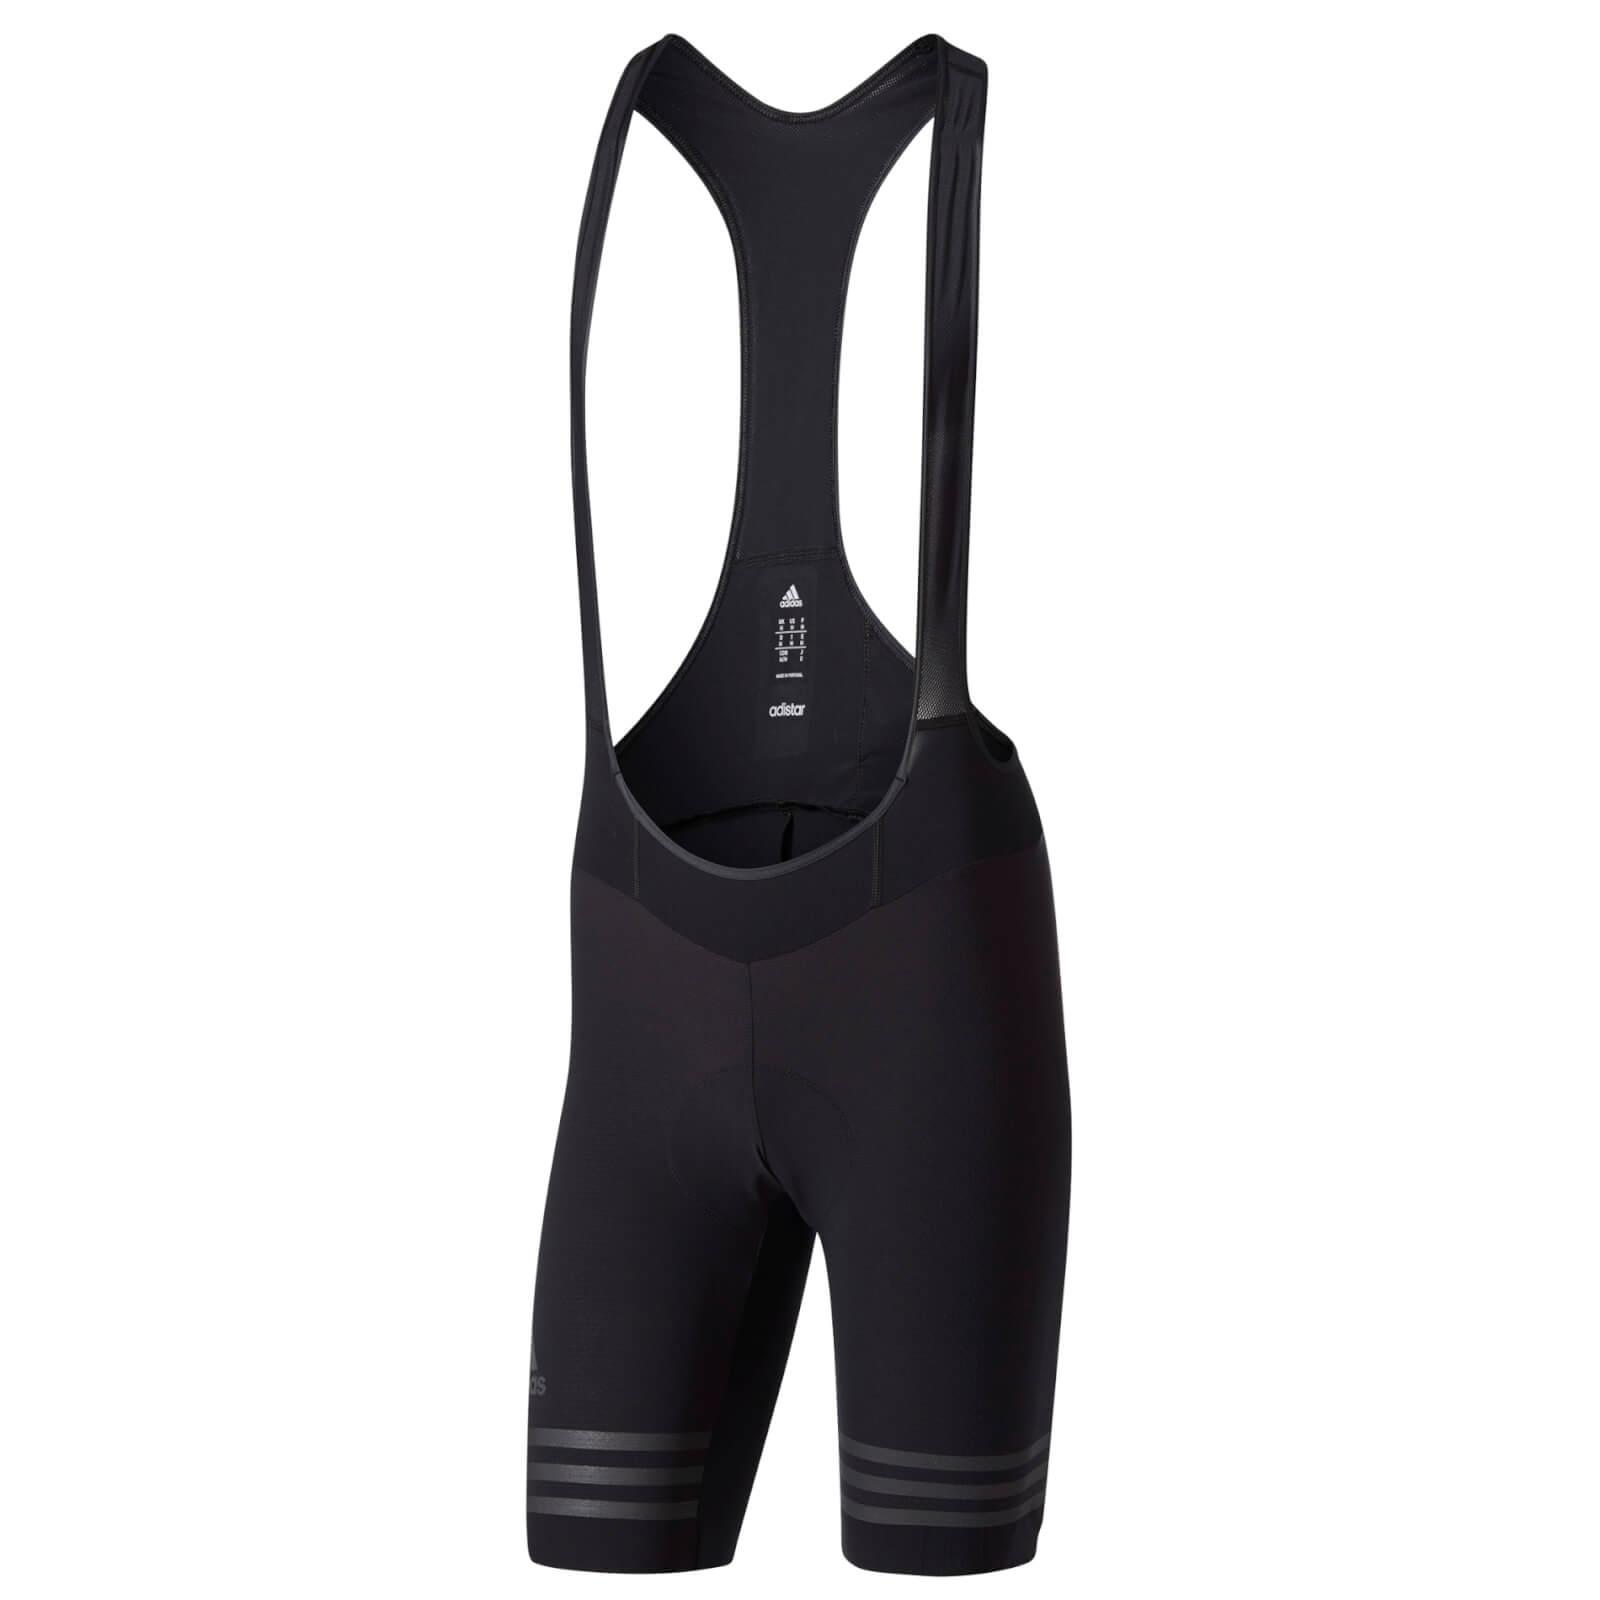 Shorts Adistar Black Woven Bib Adidas Men's tBrsCQodxh